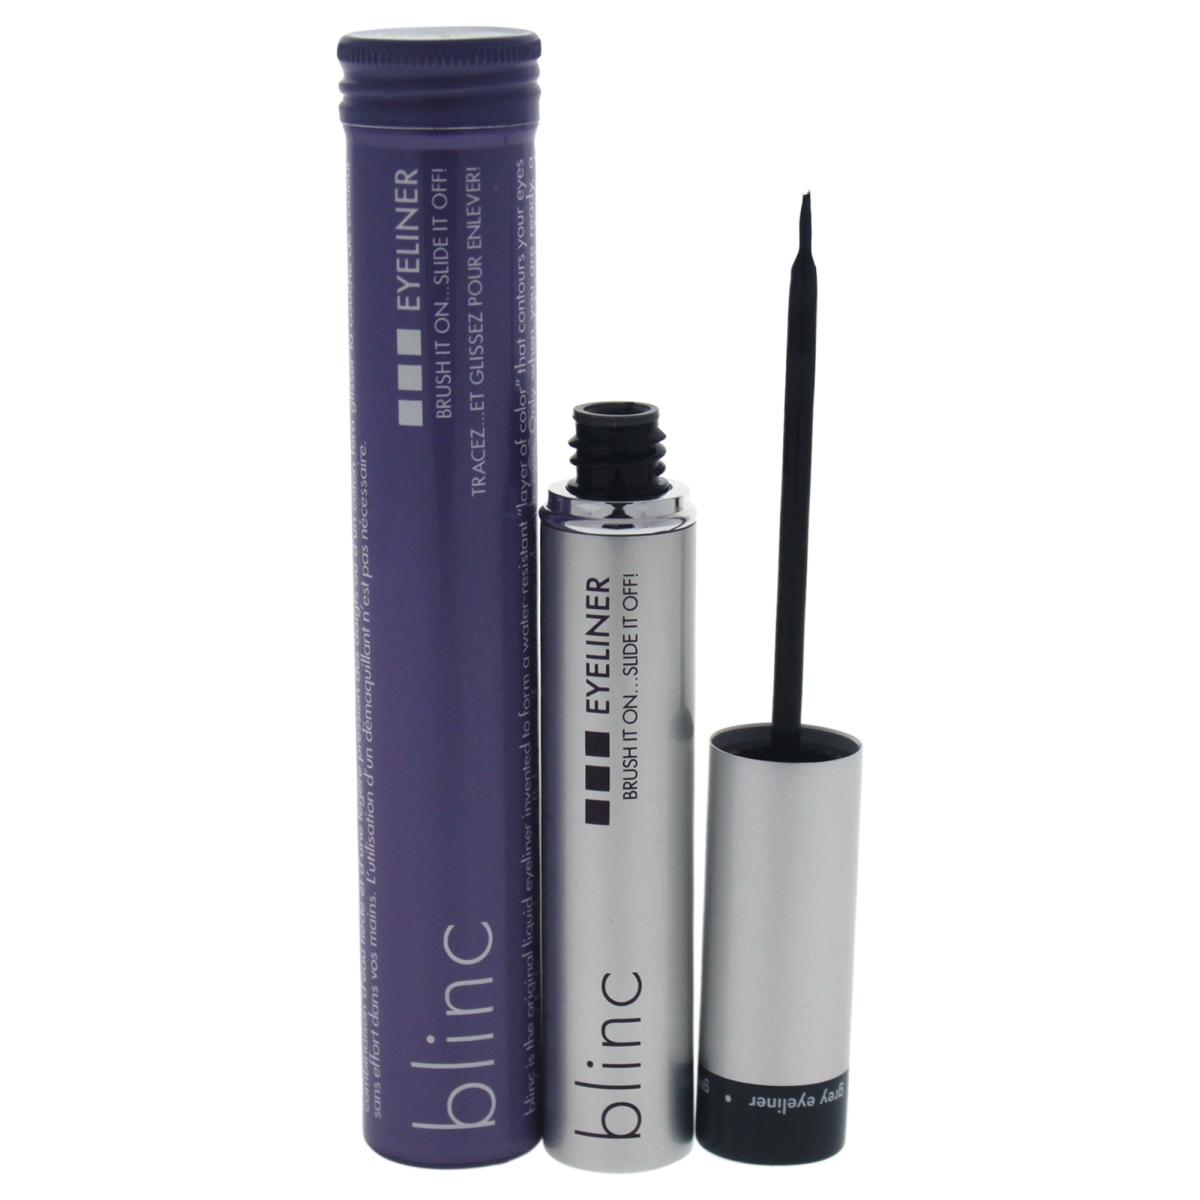 Blinc W-C-11762 0.21 oz Eyerliner for Women Dark Grey